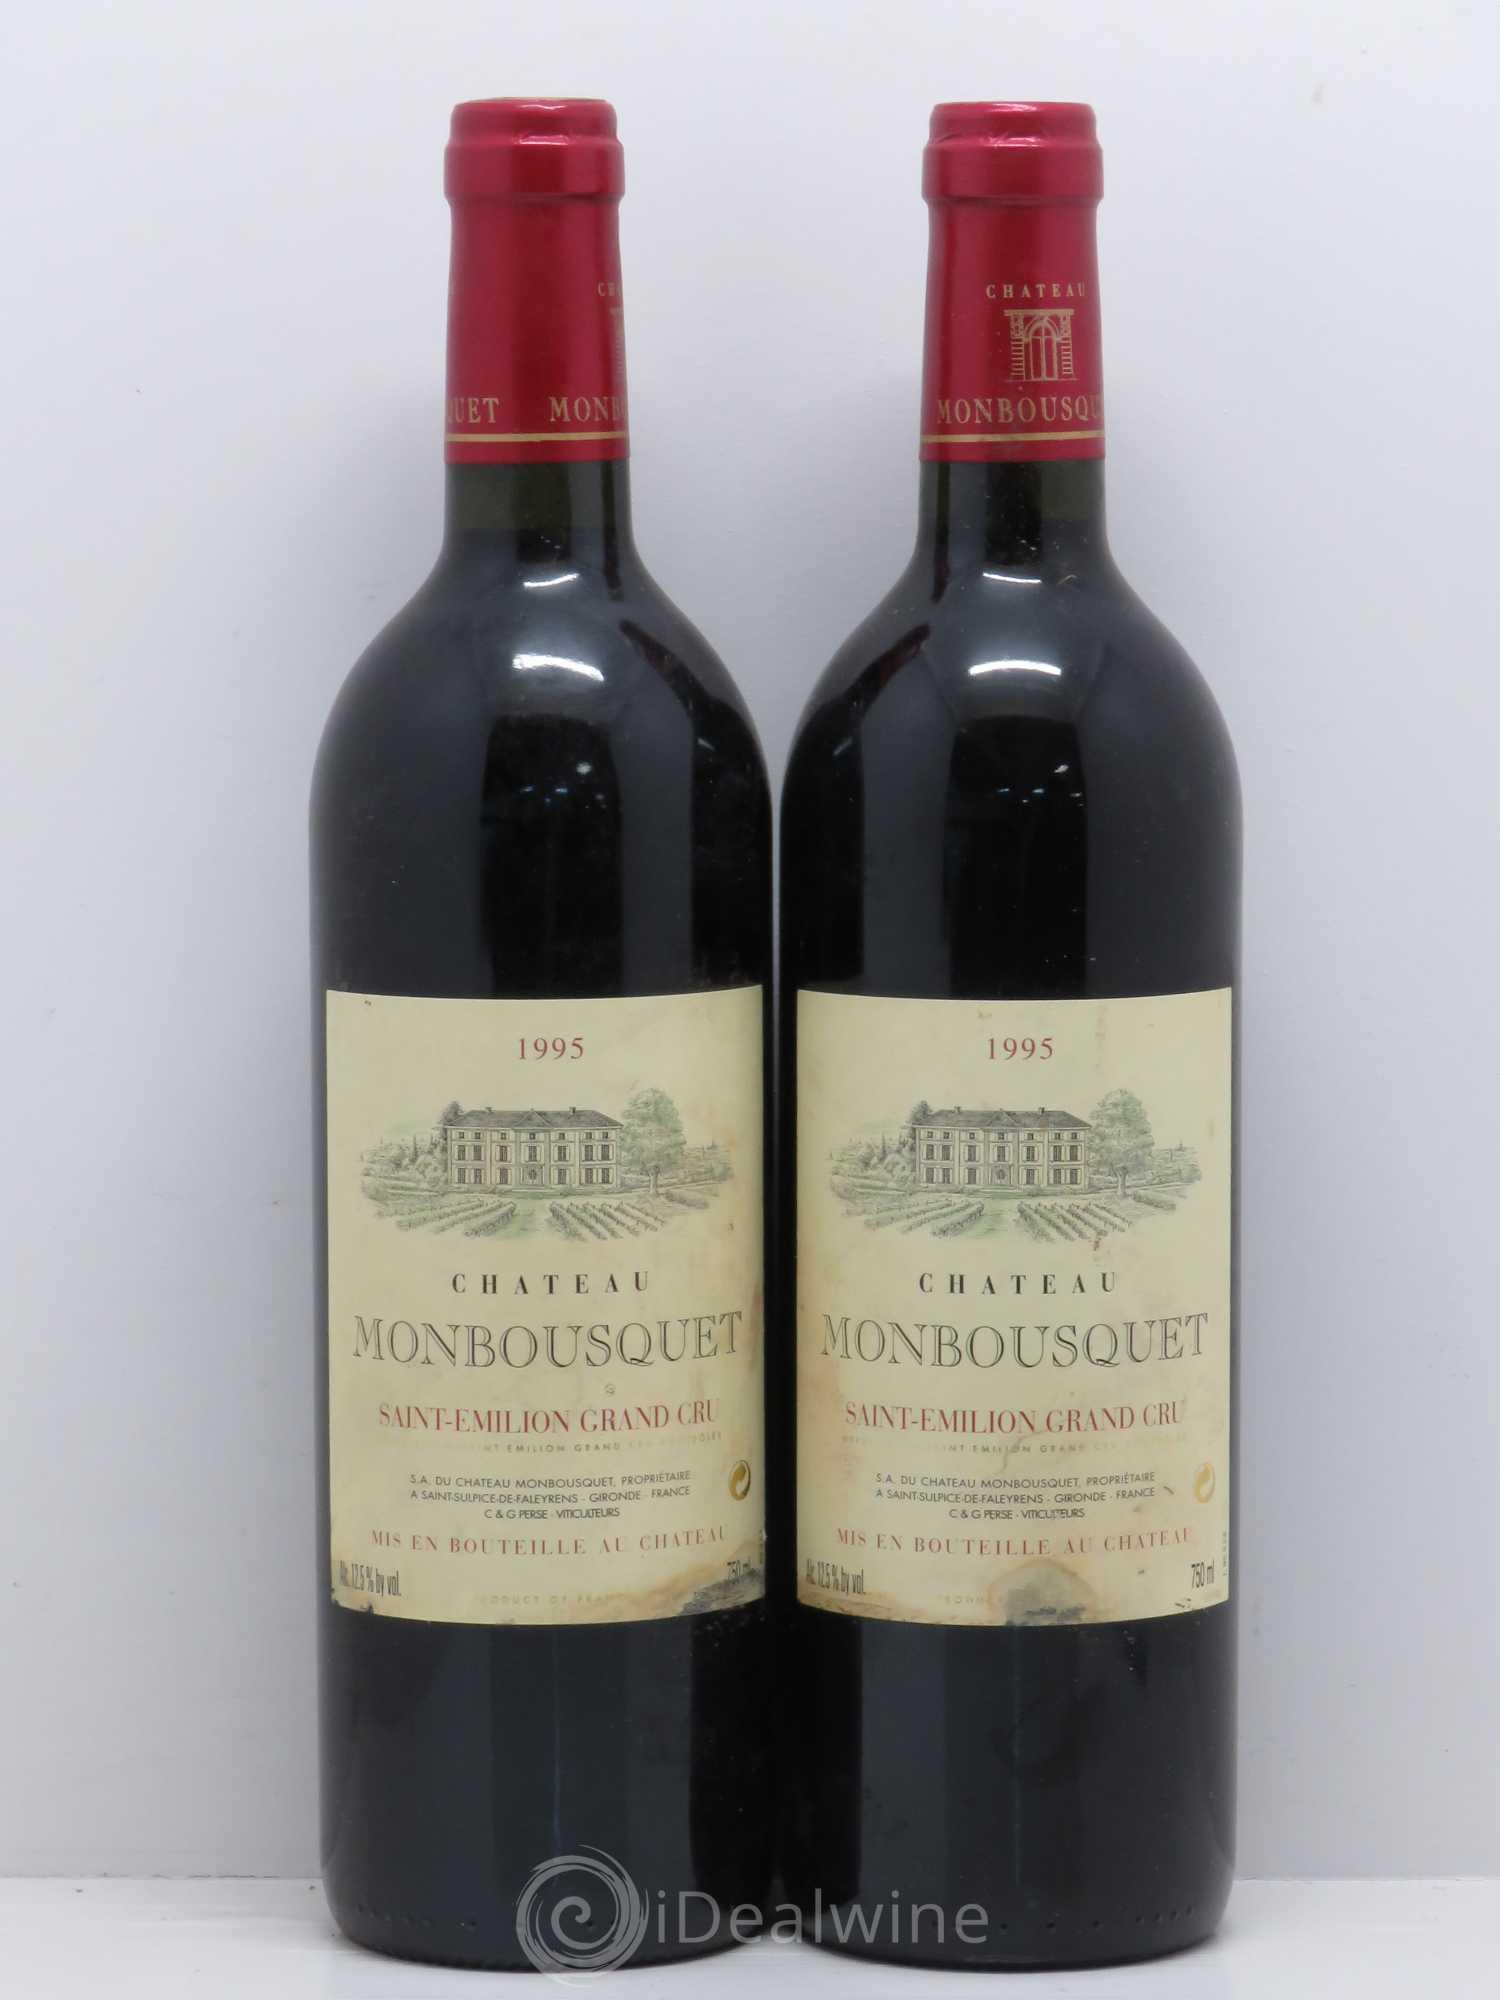 liste des vins de ch teau monbousquet en vente idealwine. Black Bedroom Furniture Sets. Home Design Ideas